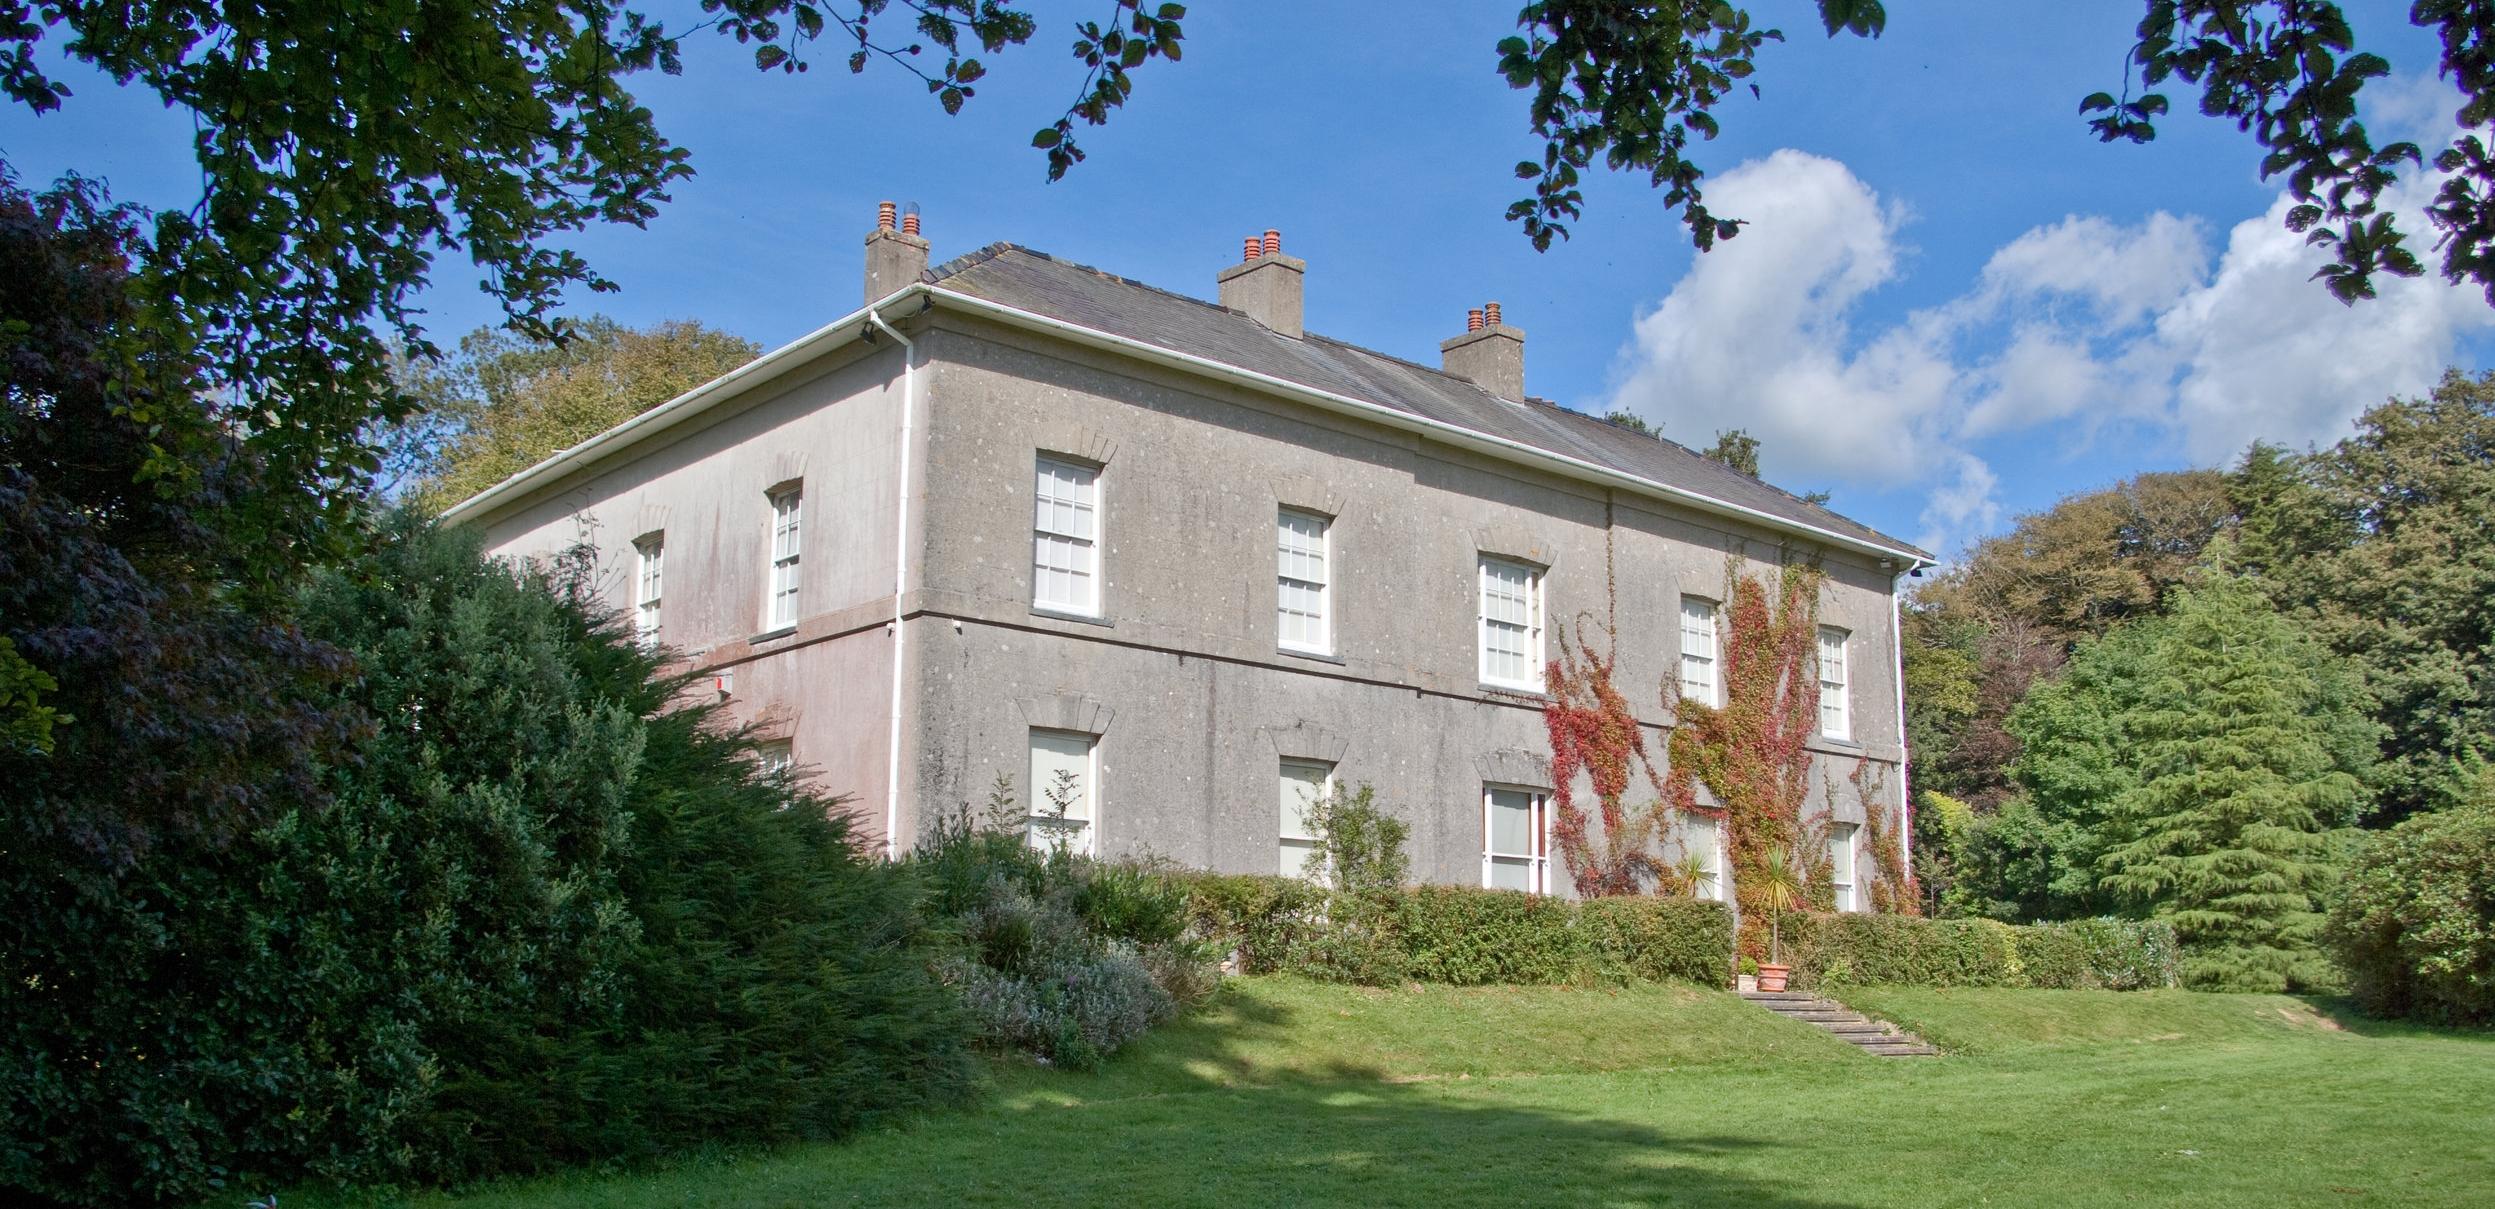 Scolton Manor.